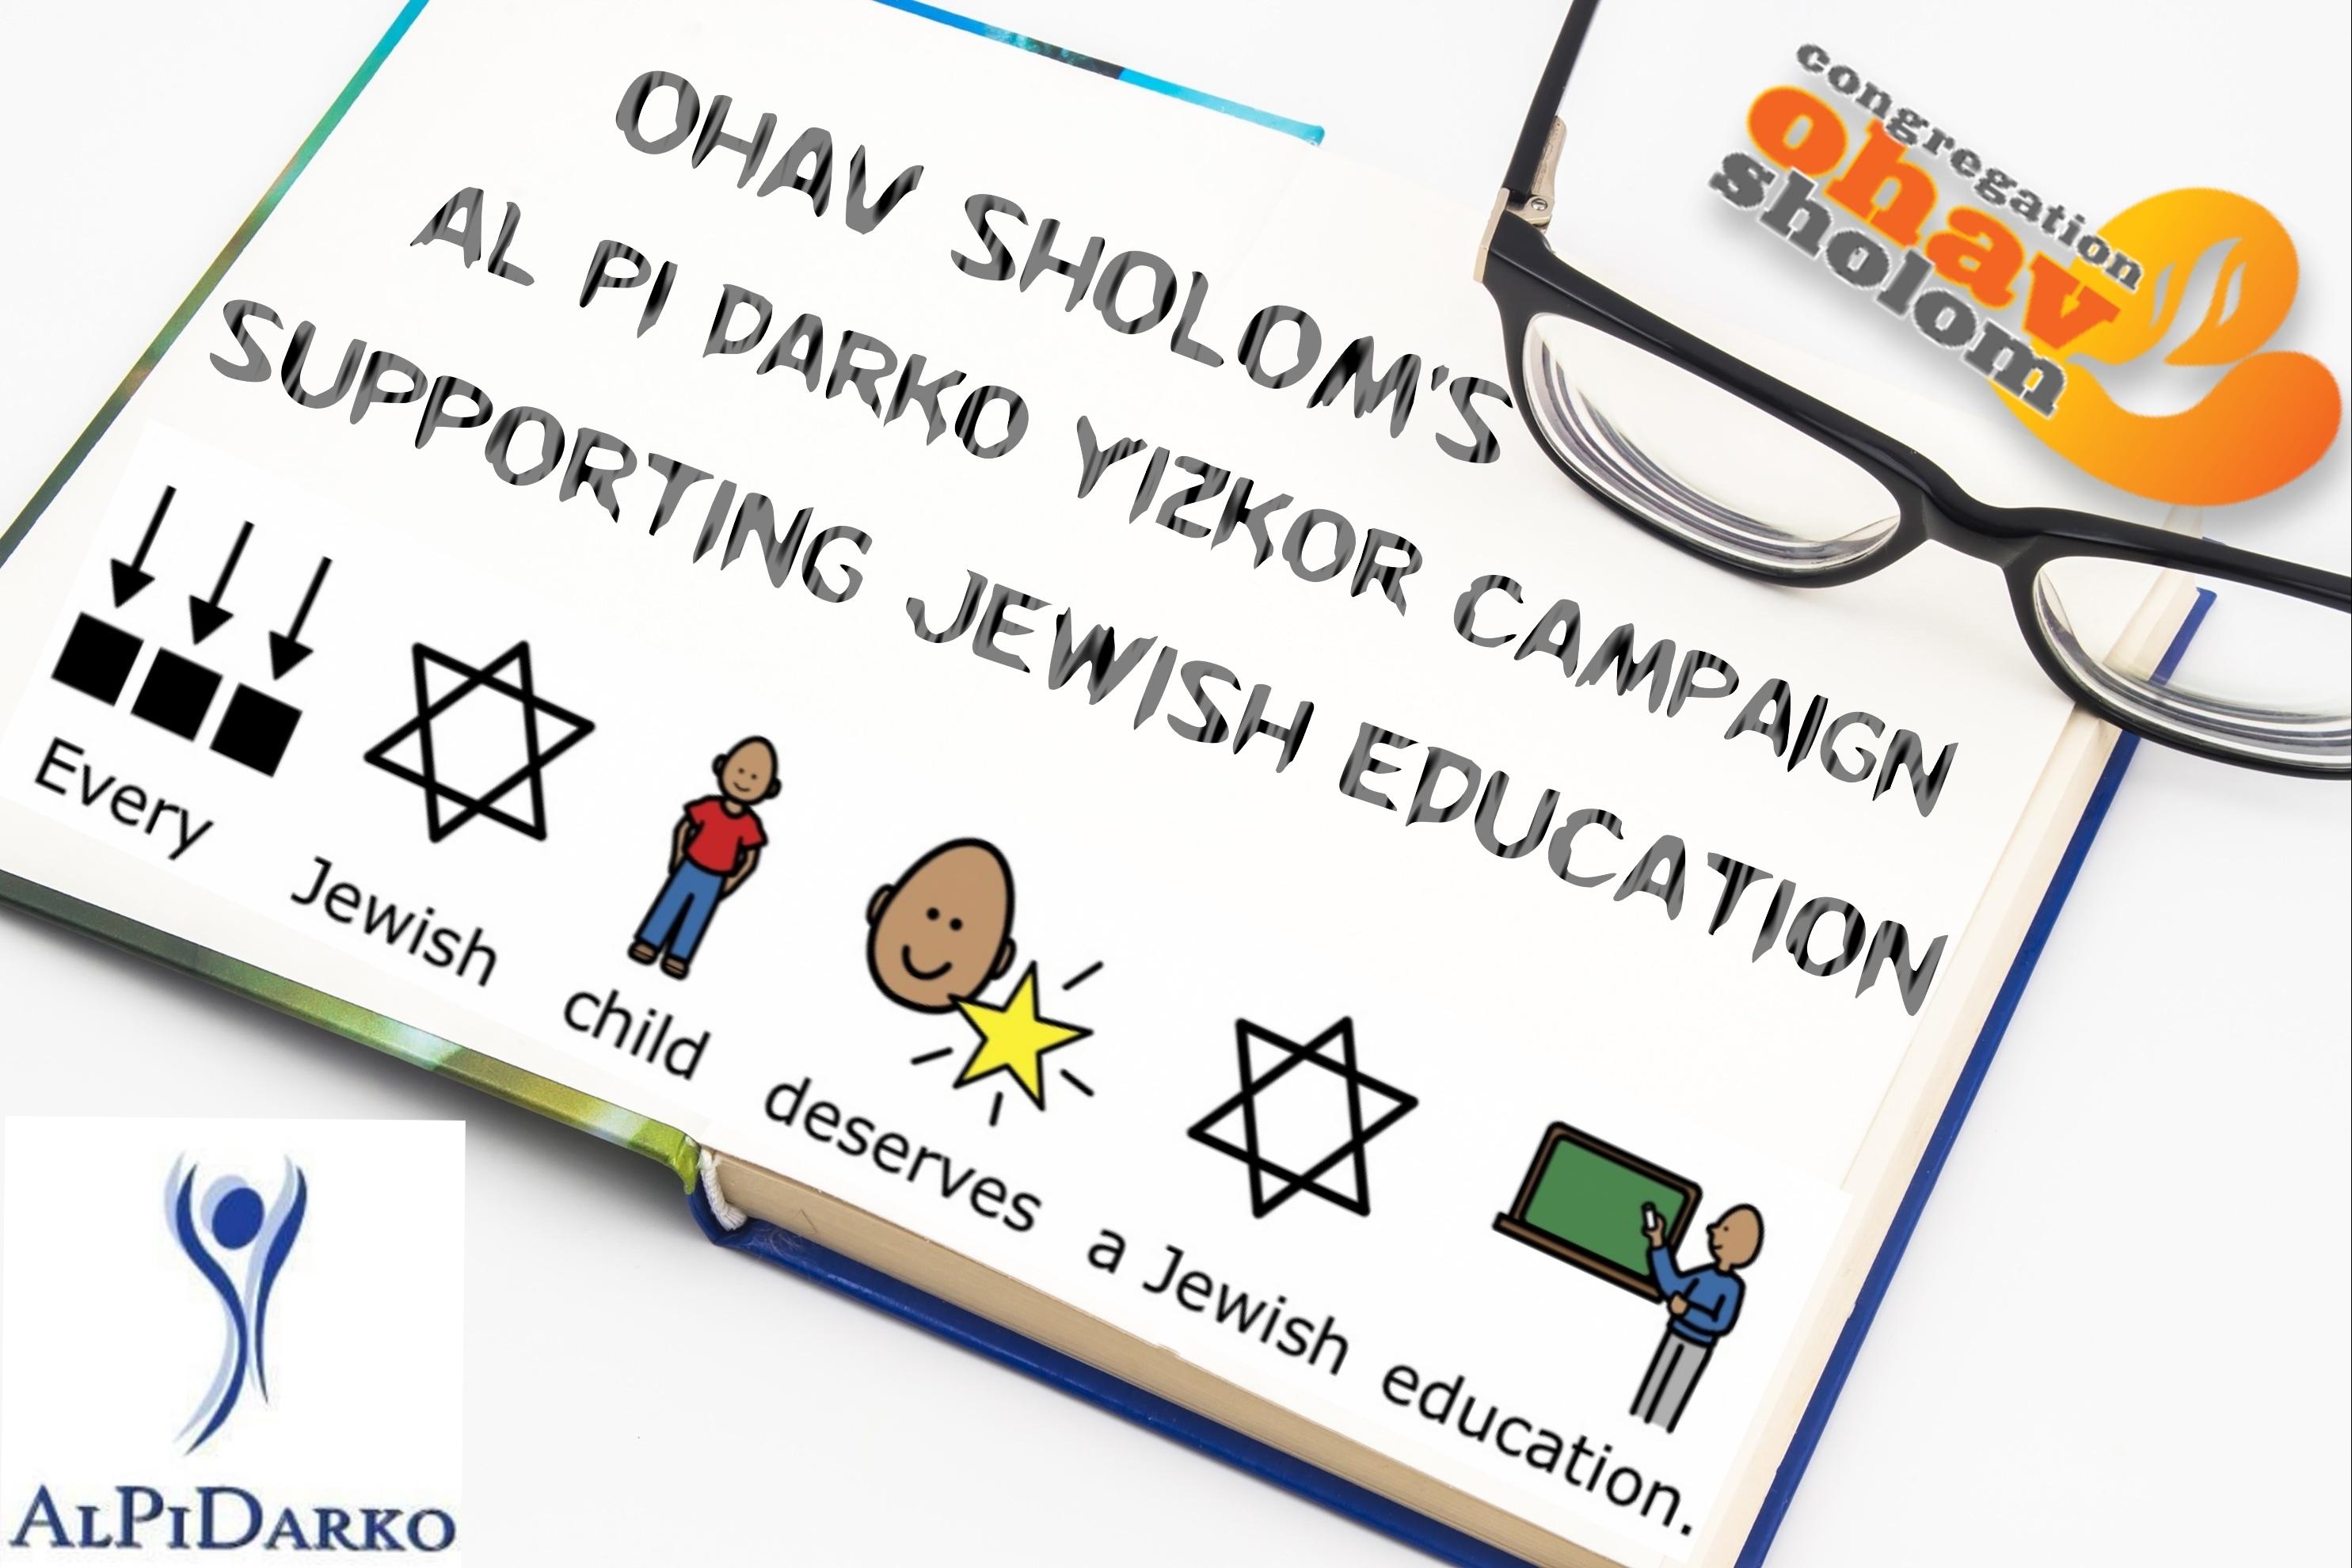 """<a href=""""https://www.ohav.org/yizkorcampaign"""""""">                                                                 <span class=""""slider_title"""">                                     Al Pi Darko Yizkor Campaign                                </span>                                                                 </a>"""